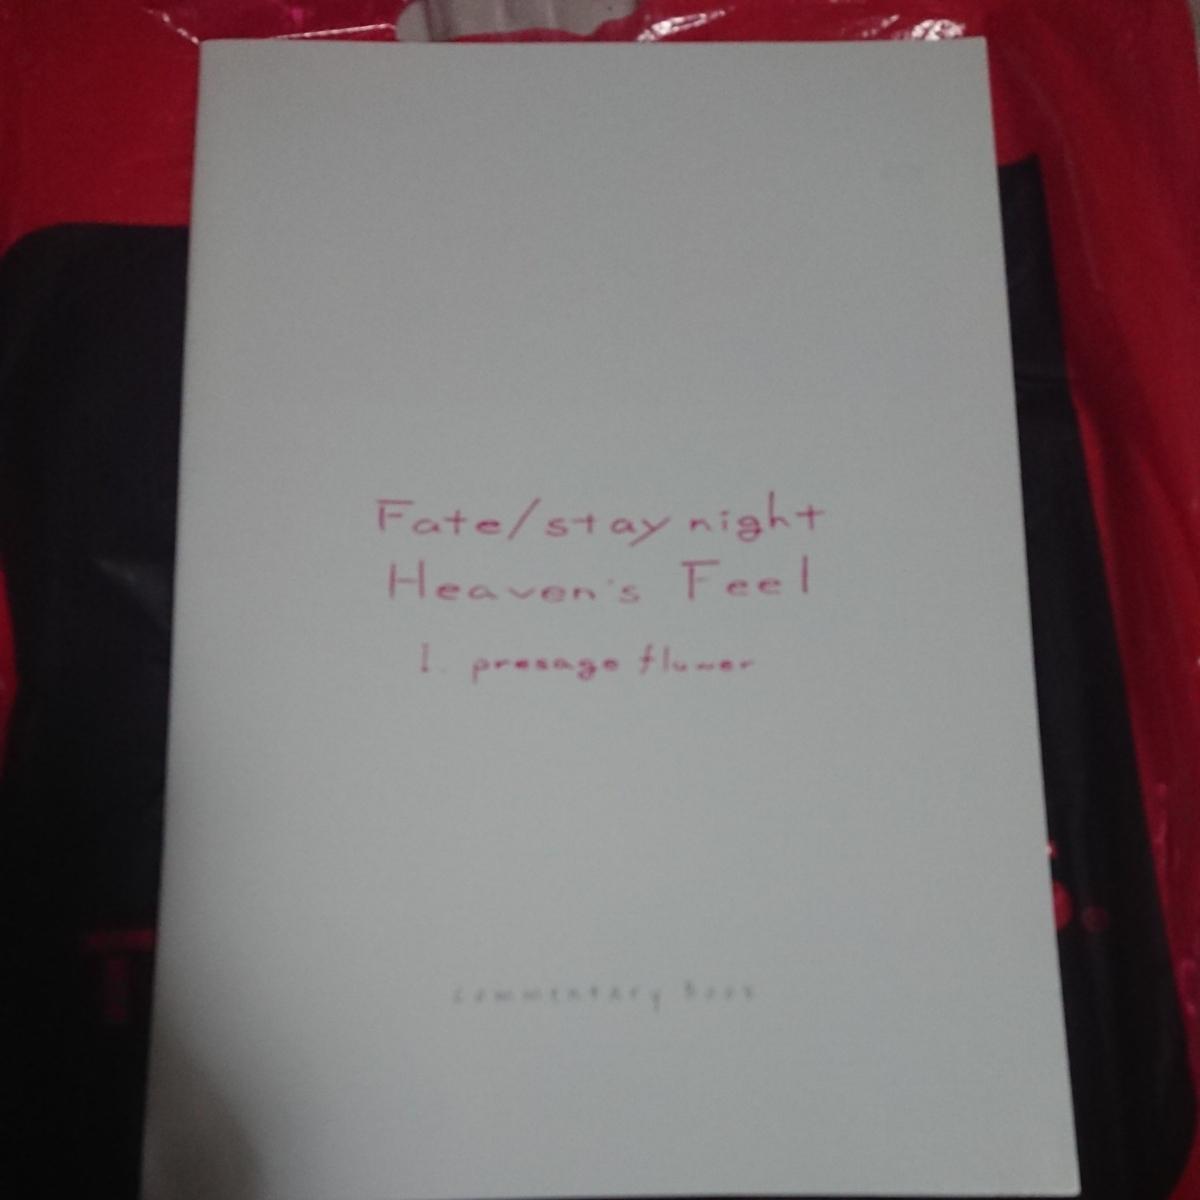 劇場版 Fate/stay night heaven's feel 第1章 presage flower パンフレット ドラマCD付 豪華版 + 入場特典 コメンタリーブック 新品未開封_画像2